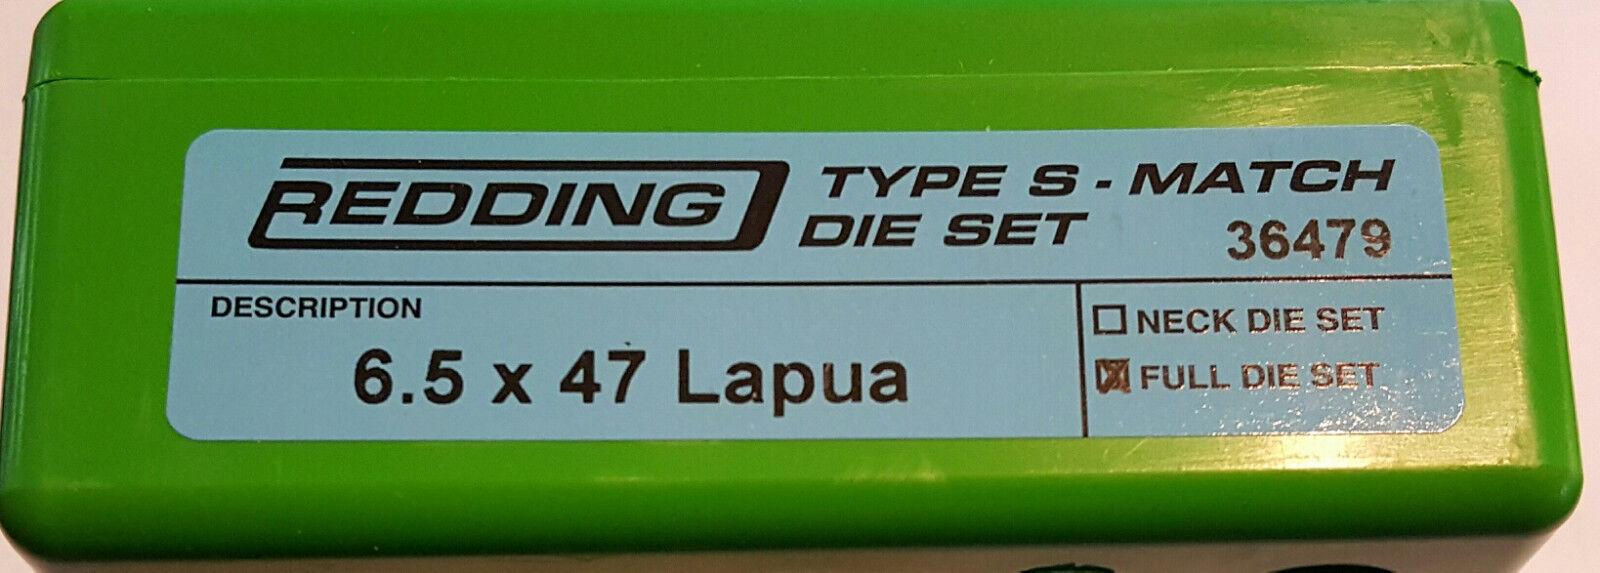 36479 rojoDING Tipo S Set Completo Completo Completo Die coincide con Buje - 6.5 X 47 Lapua-totalmente Nuevo 324d1f